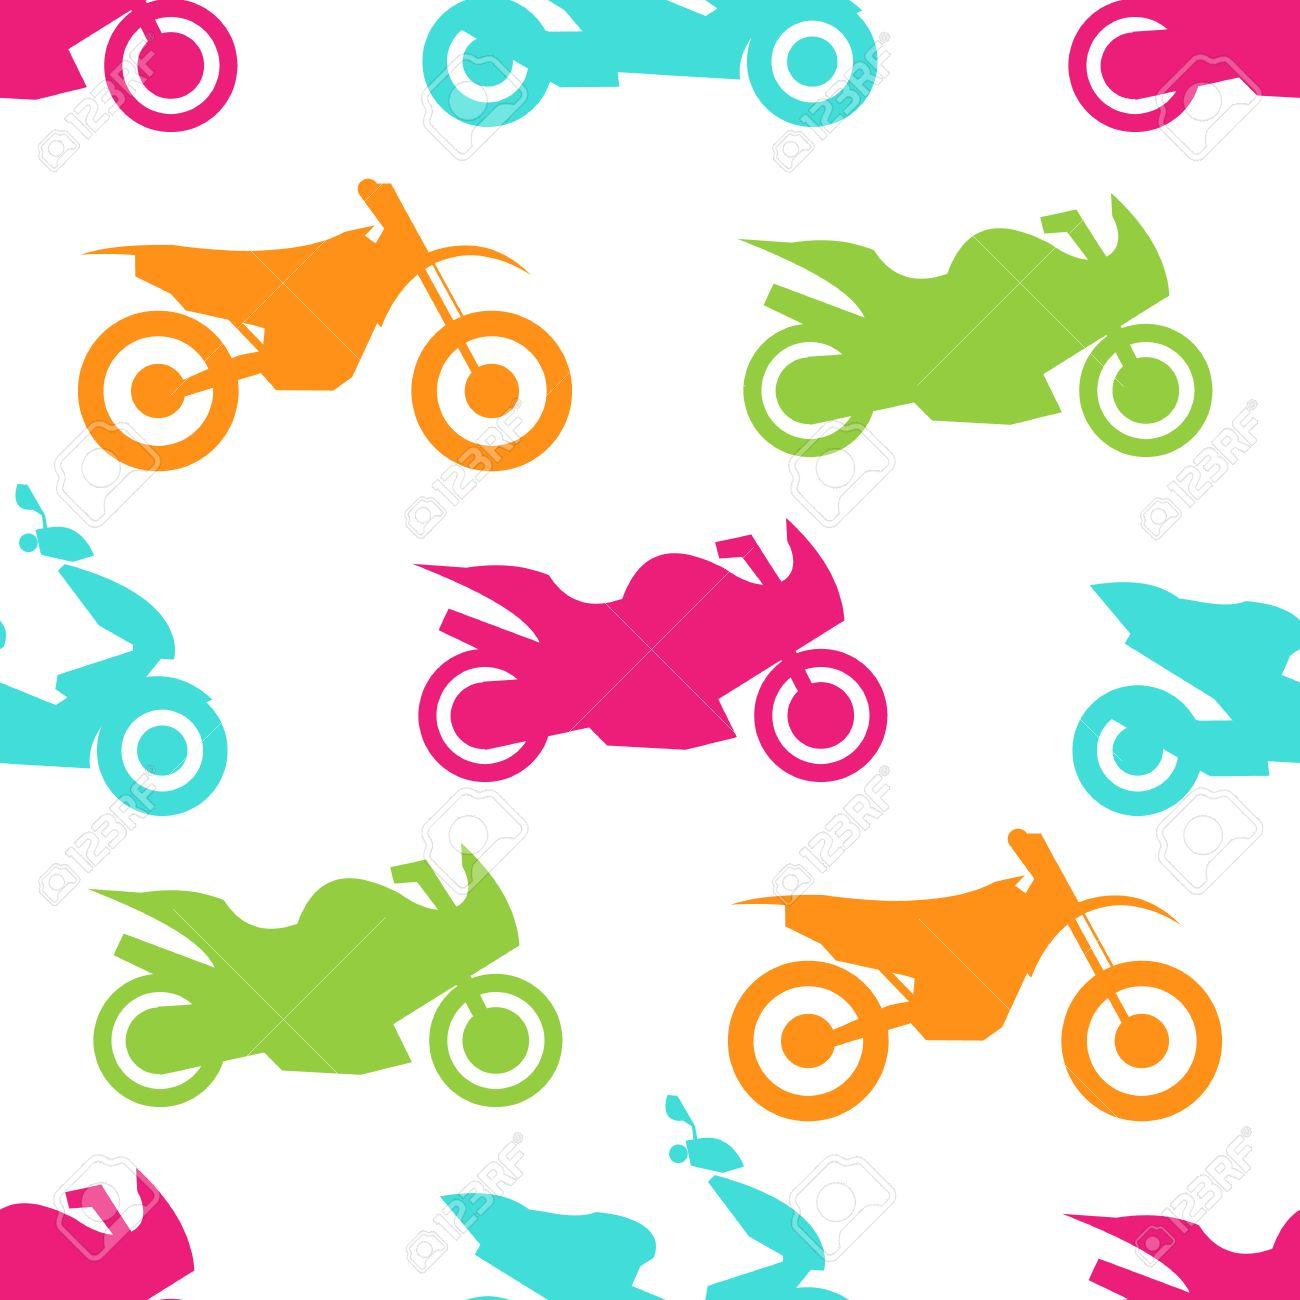 レトロなオートバイのシームレスなパターン バイク輸送デザインの